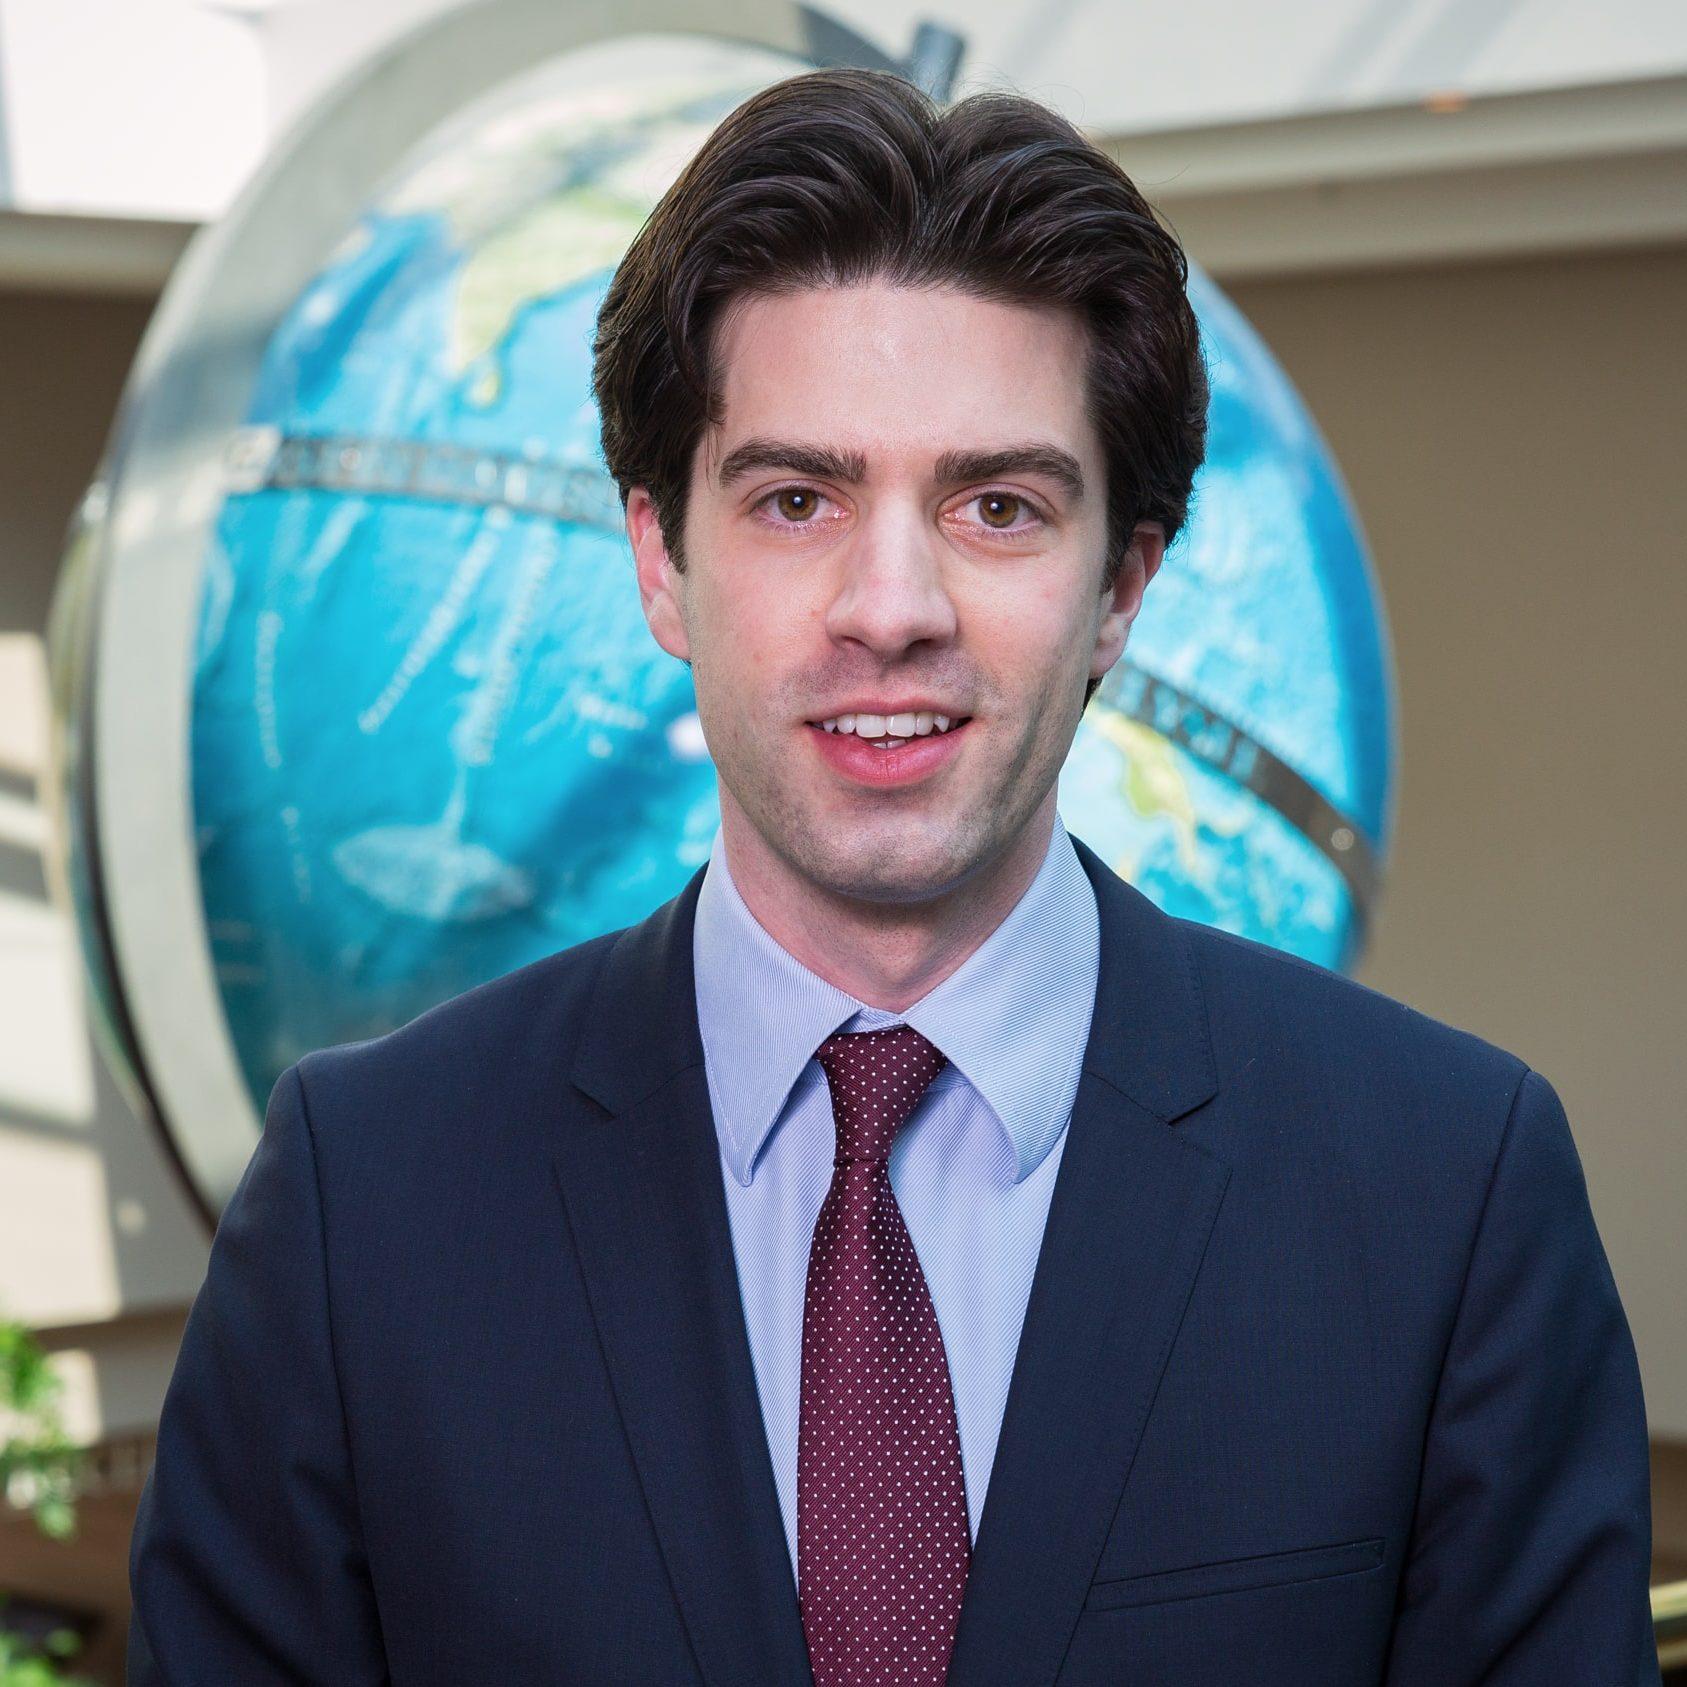 Niko Anastasyadis jr. – Carl von Michalkowski GmbH & Co. KG